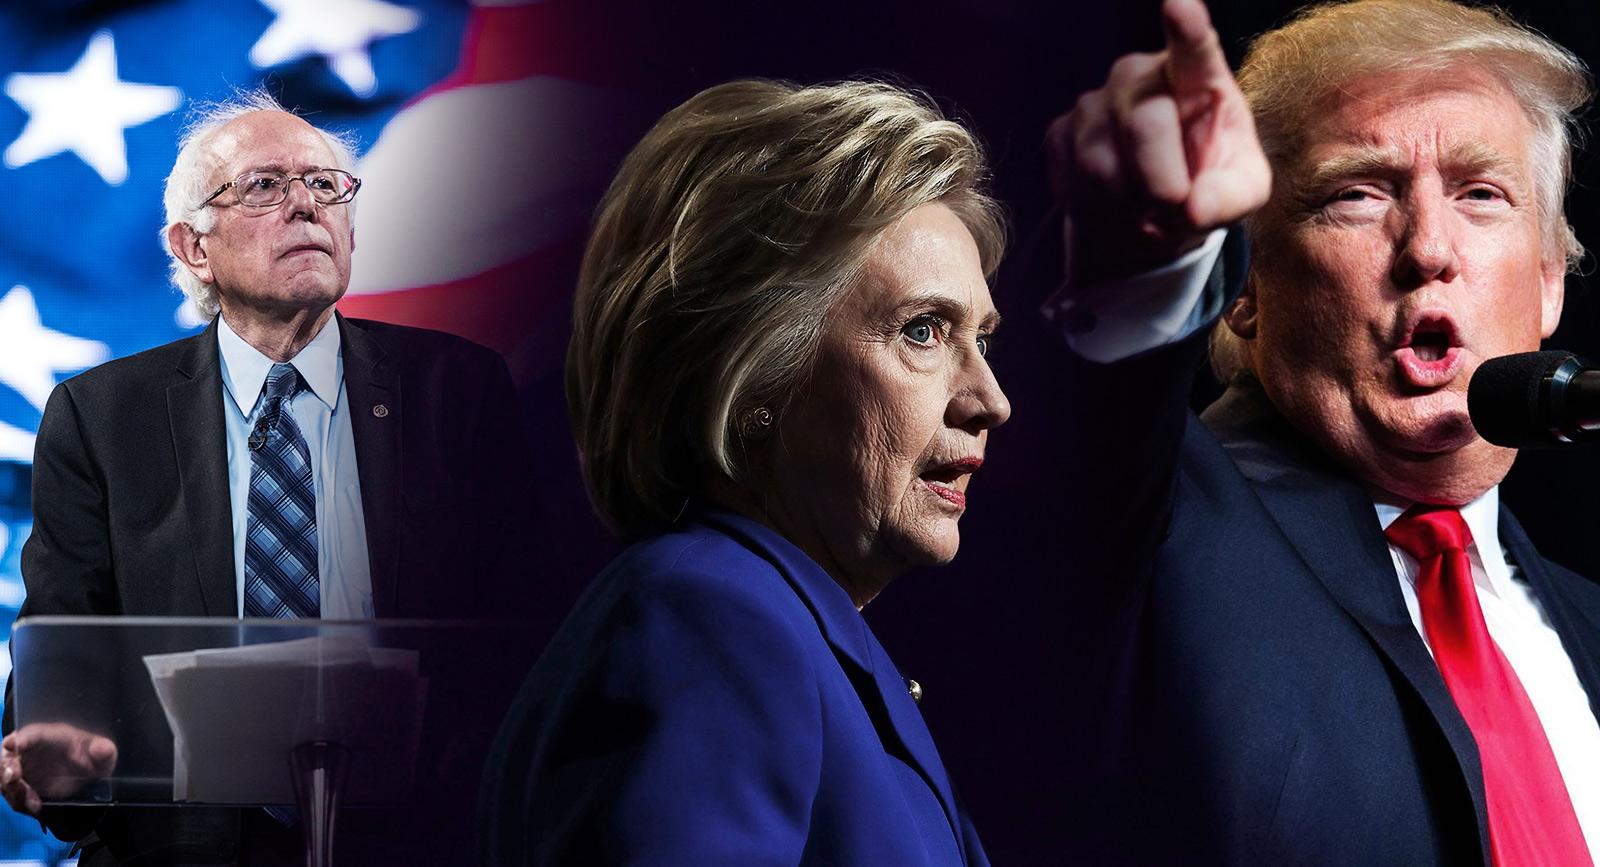 Hoće li uspaničeni Demokrati odbaciti Hillary i vratiti Sandersa da za njih pobijedi Trumpa?